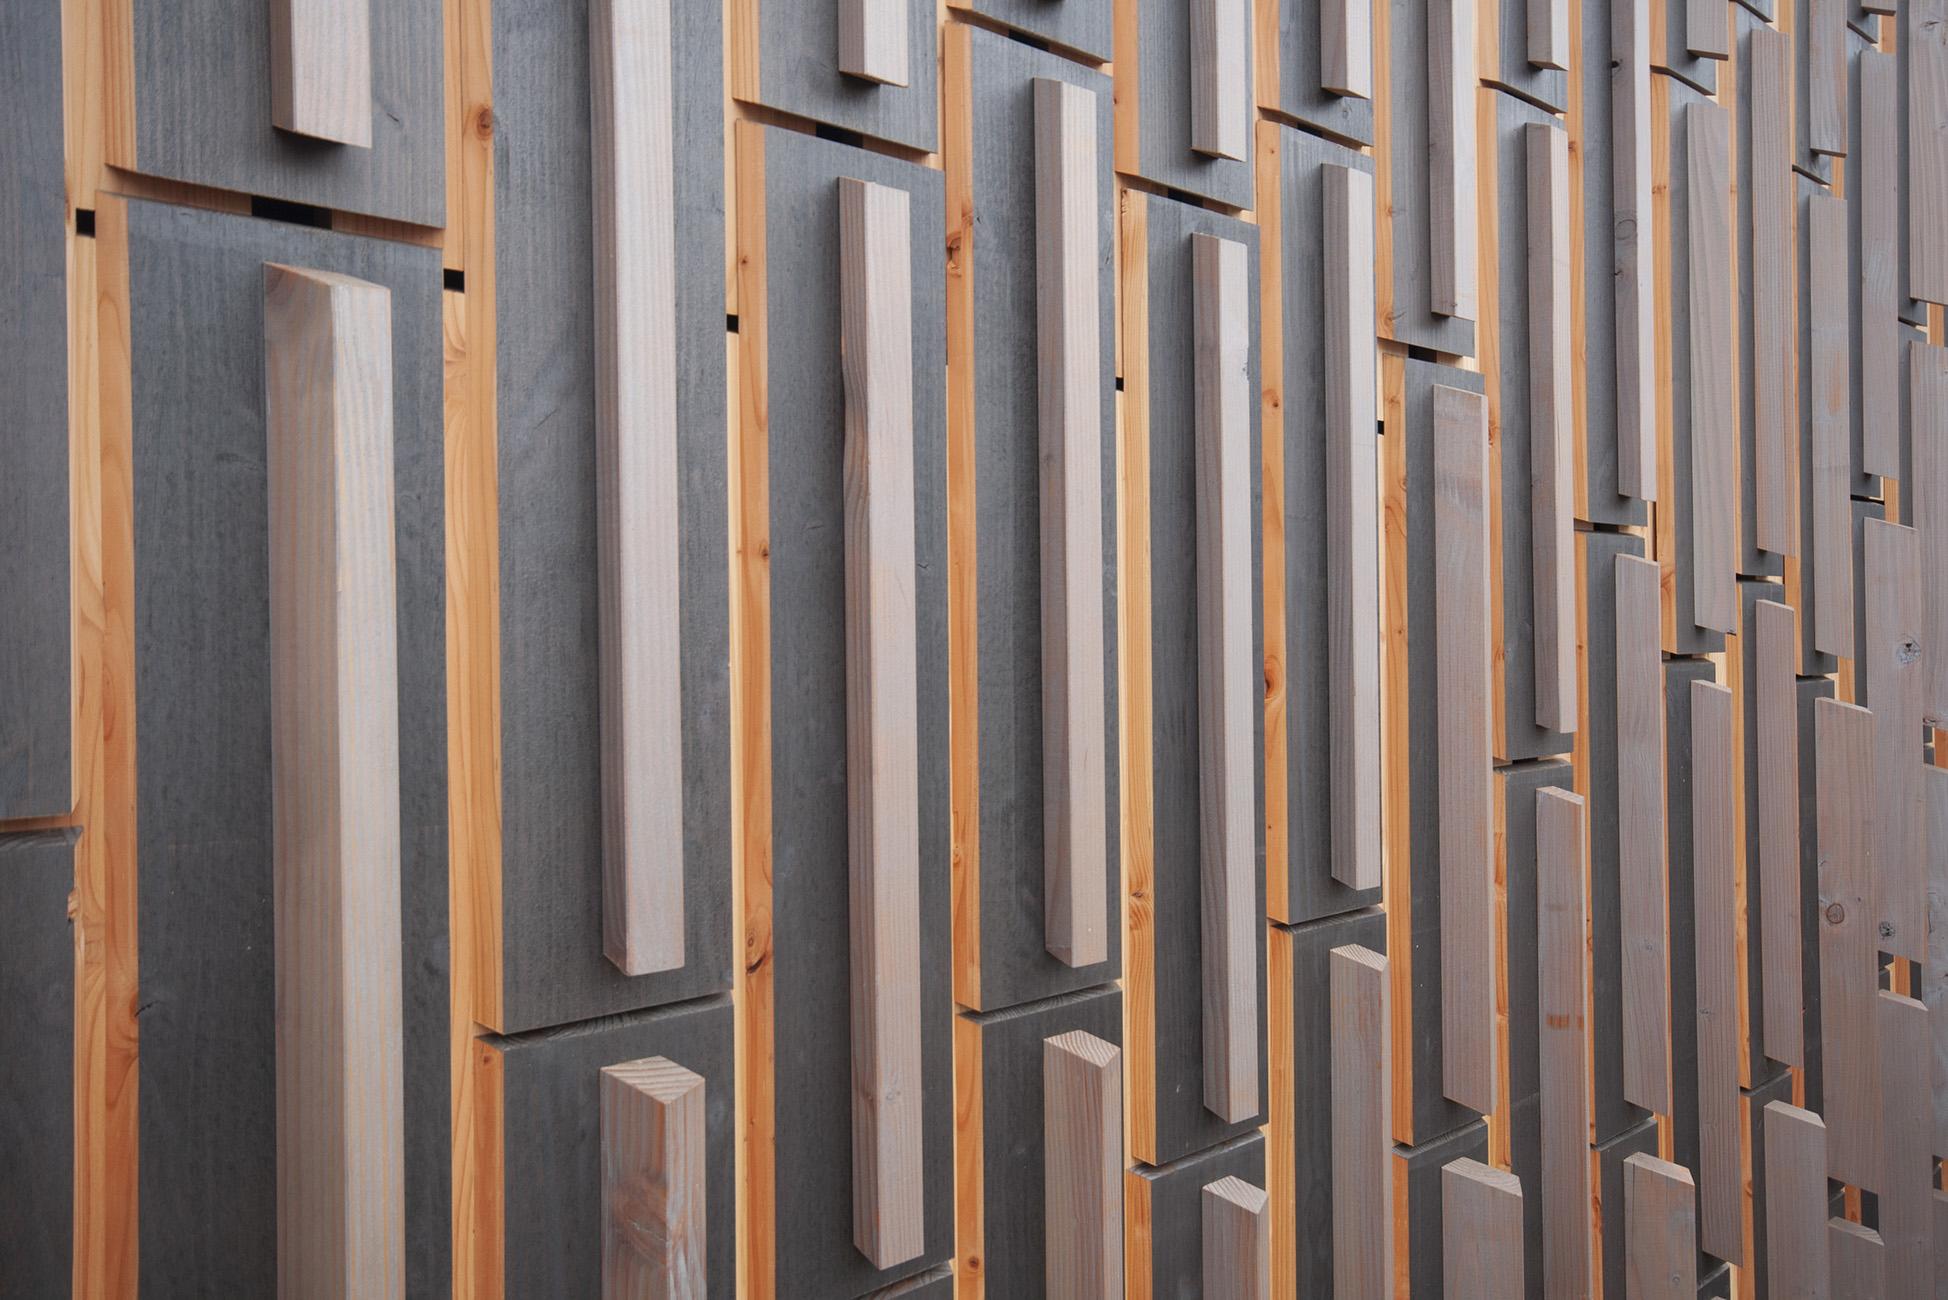 Holzfassade, Rohmben, dunkelgrau